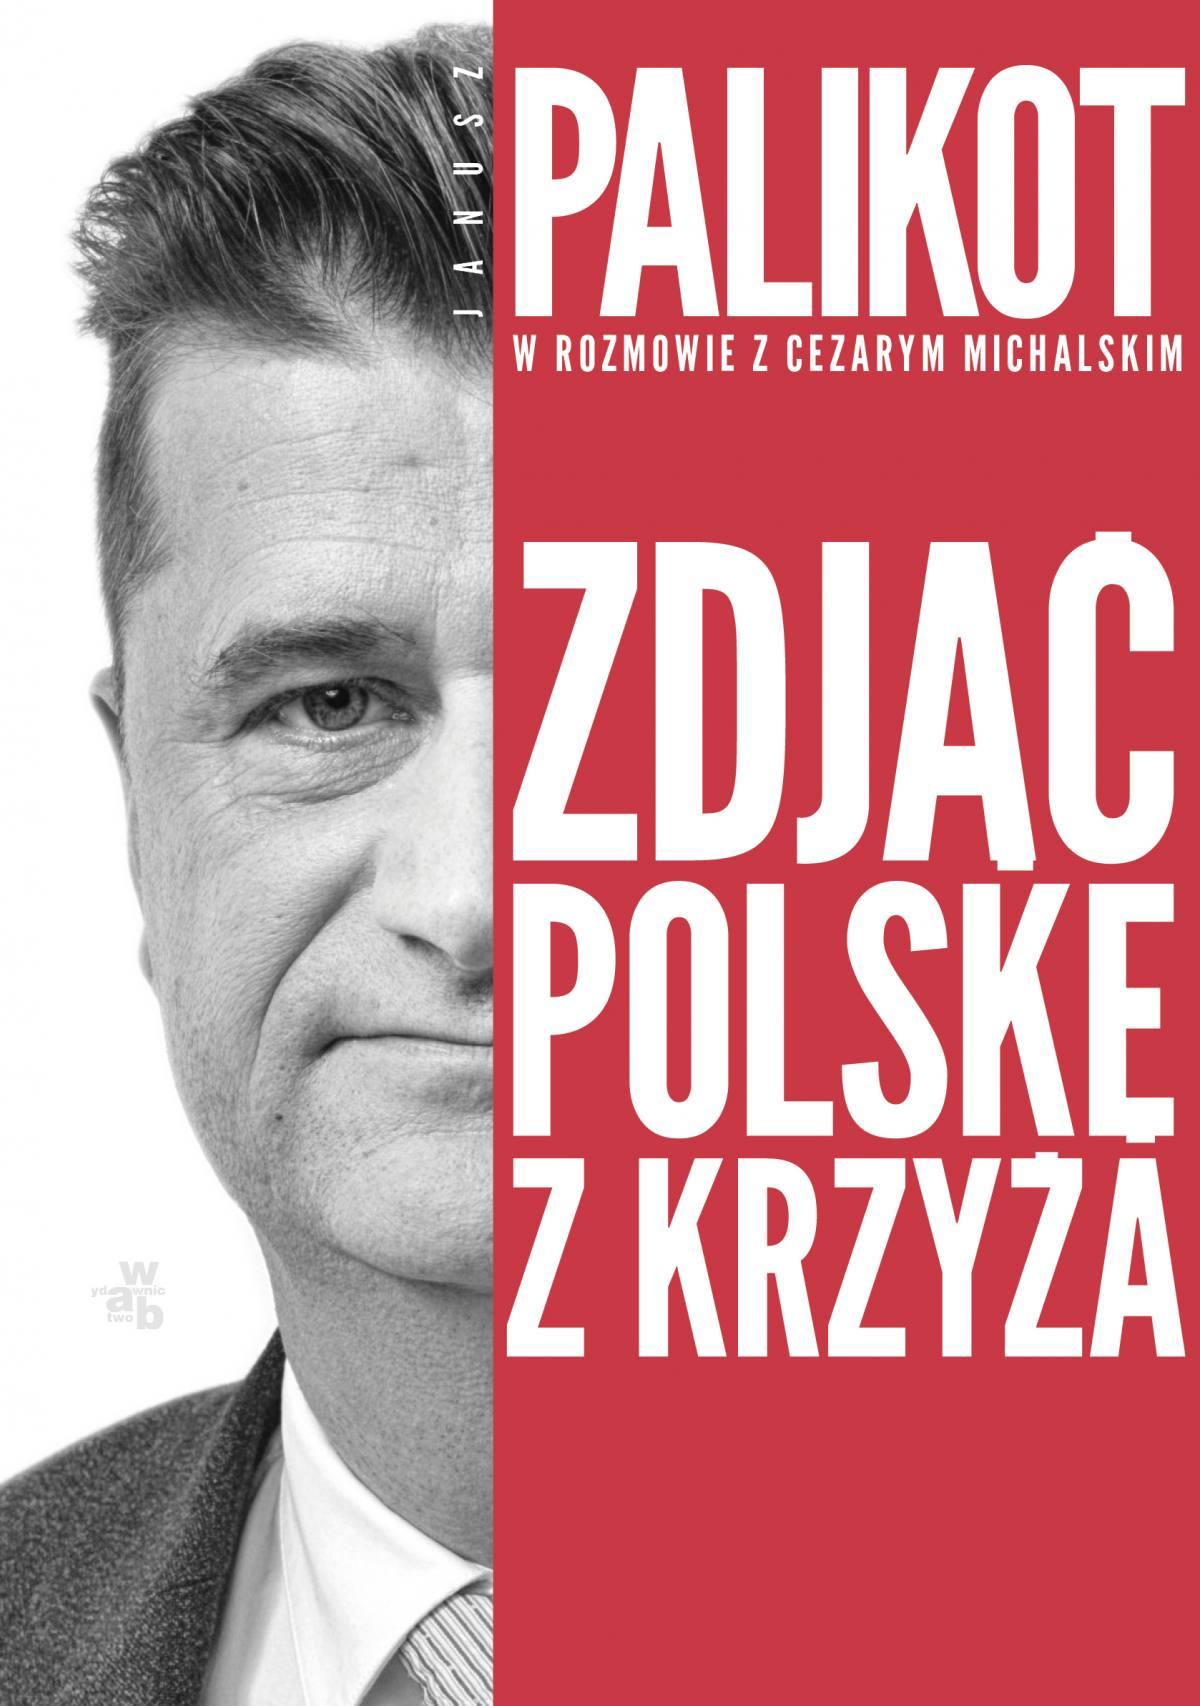 Zdjąć Polskę z krzyża - Ebook (Książka na Kindle) do pobrania w formacie MOBI